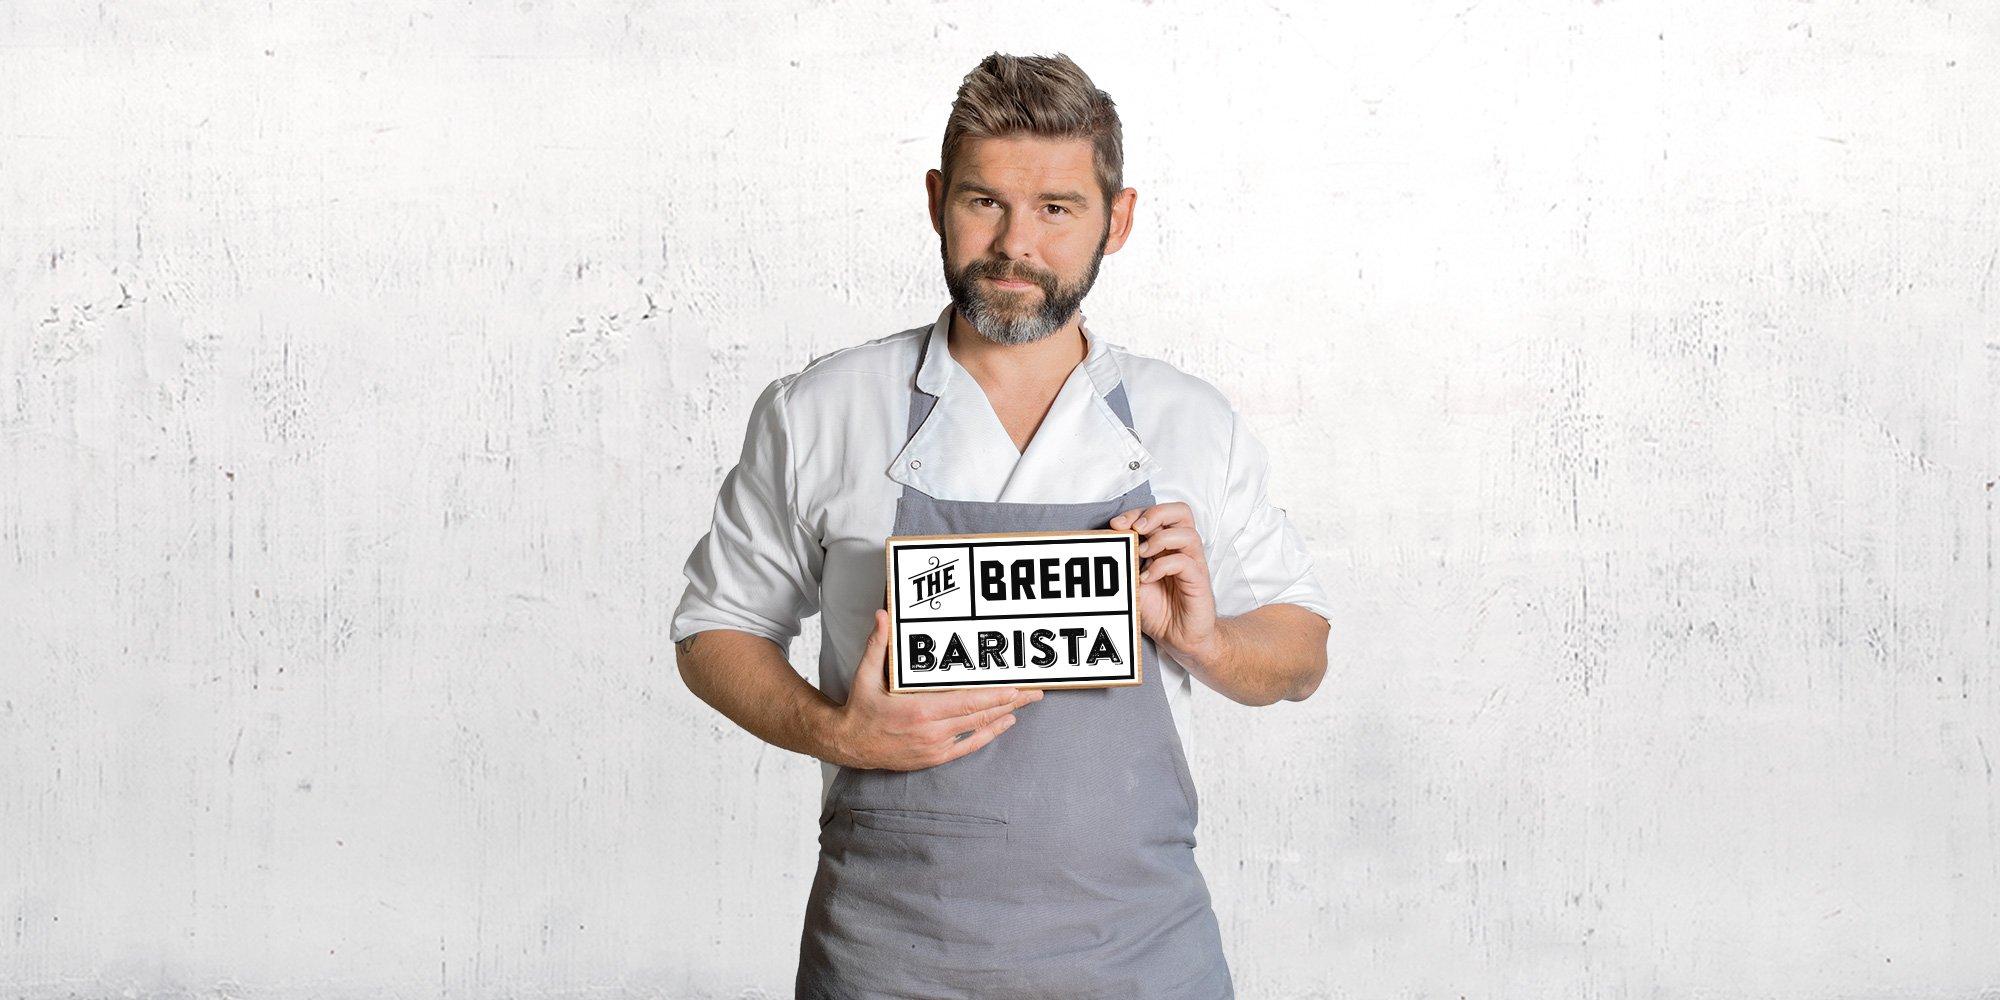 UBI - SBS - Bread Barista - LP - large - centered